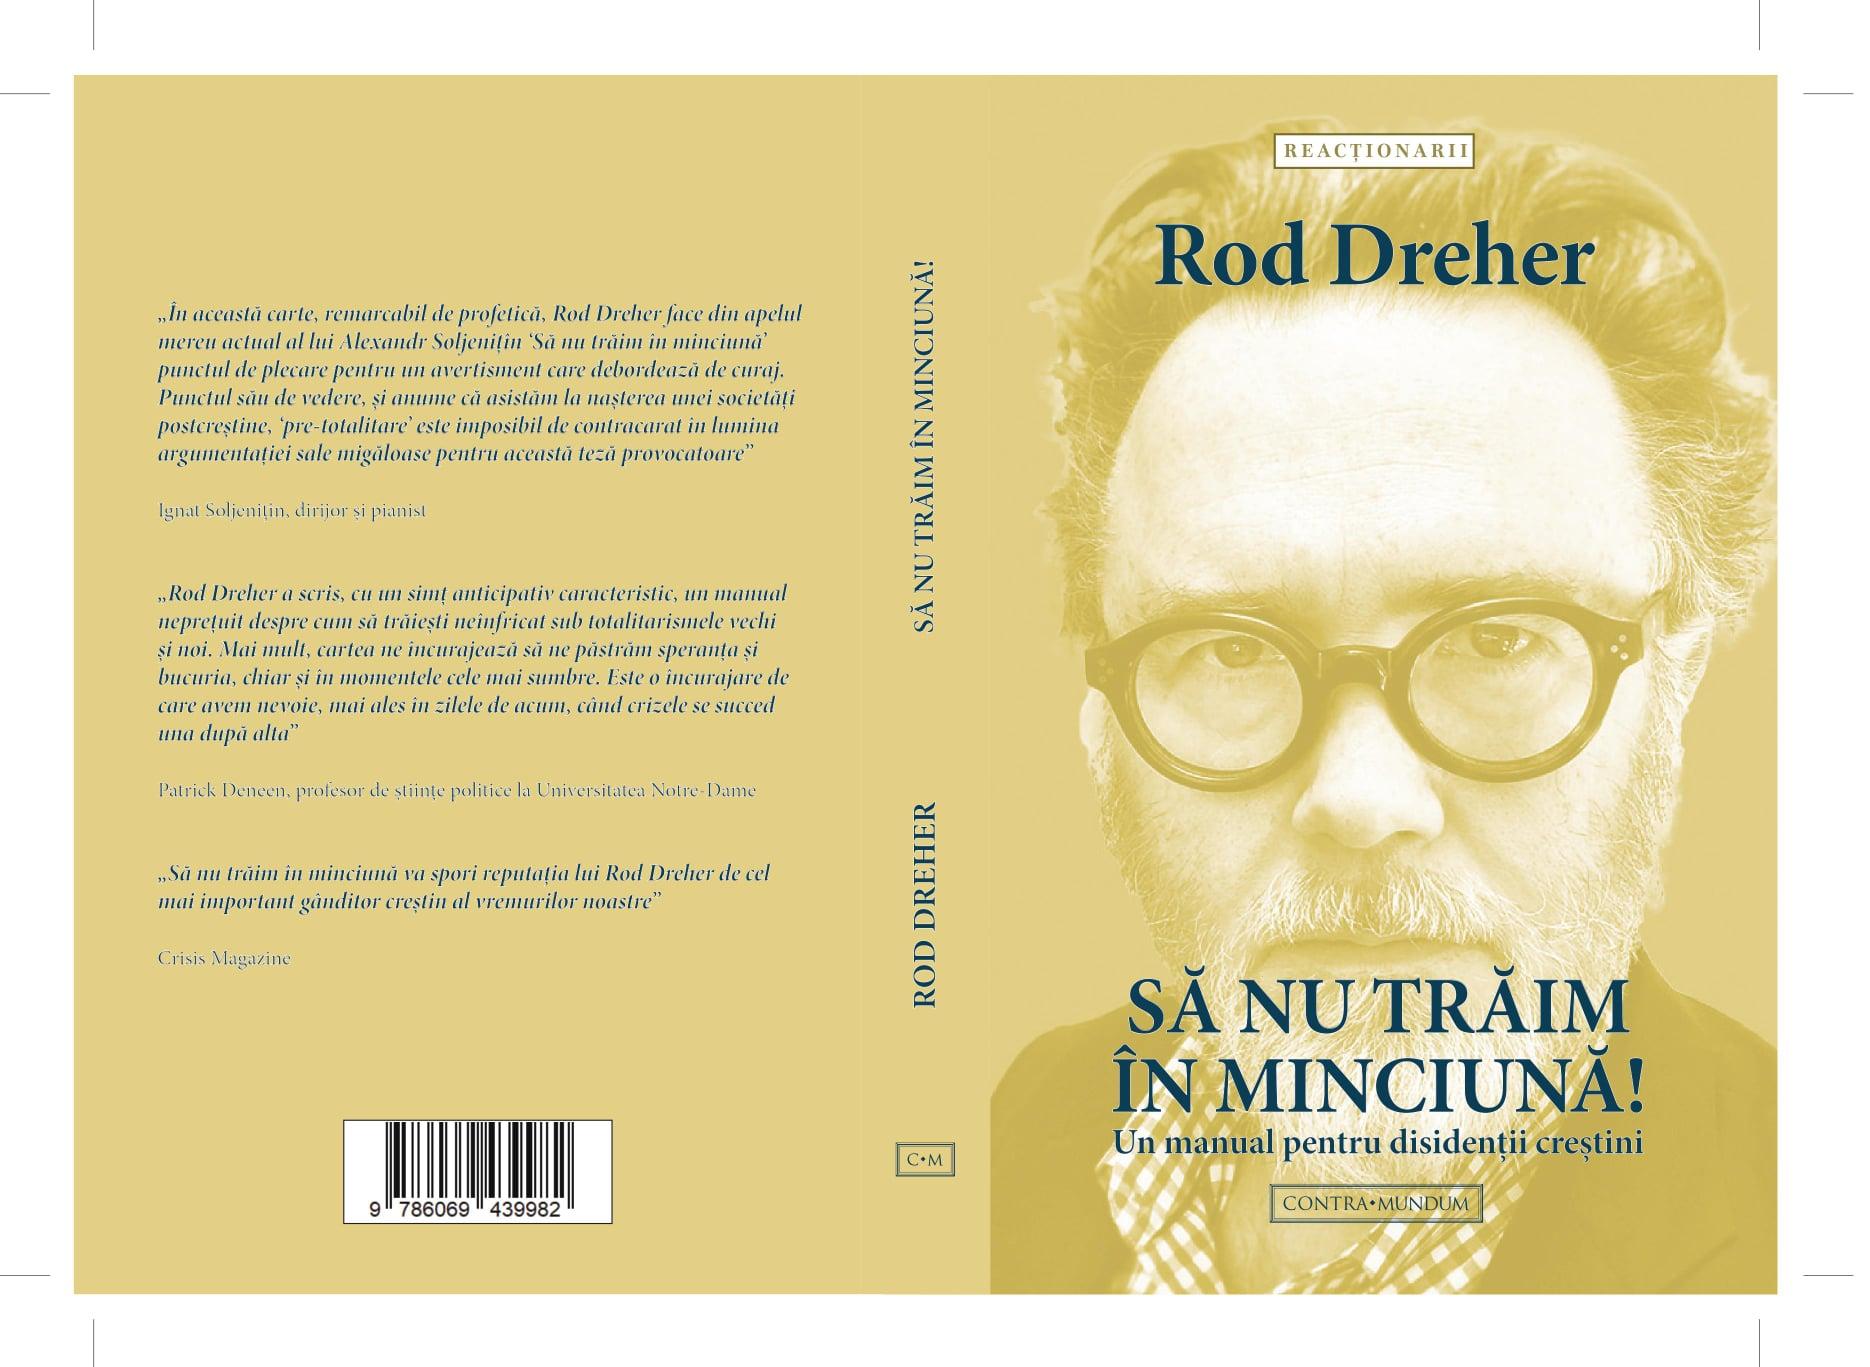 CARTEA SEMNAL a conservatorului american ortodox ROD DREHER tradusă în română: <em>SĂ NU TRĂIM ÎN MINCIUNĂ! Un manual pentru disidenții creștini</em>. Despre volum și despre TOTALITARISMUL SOFT la emisiunea lui Carlson Tucker (Video)